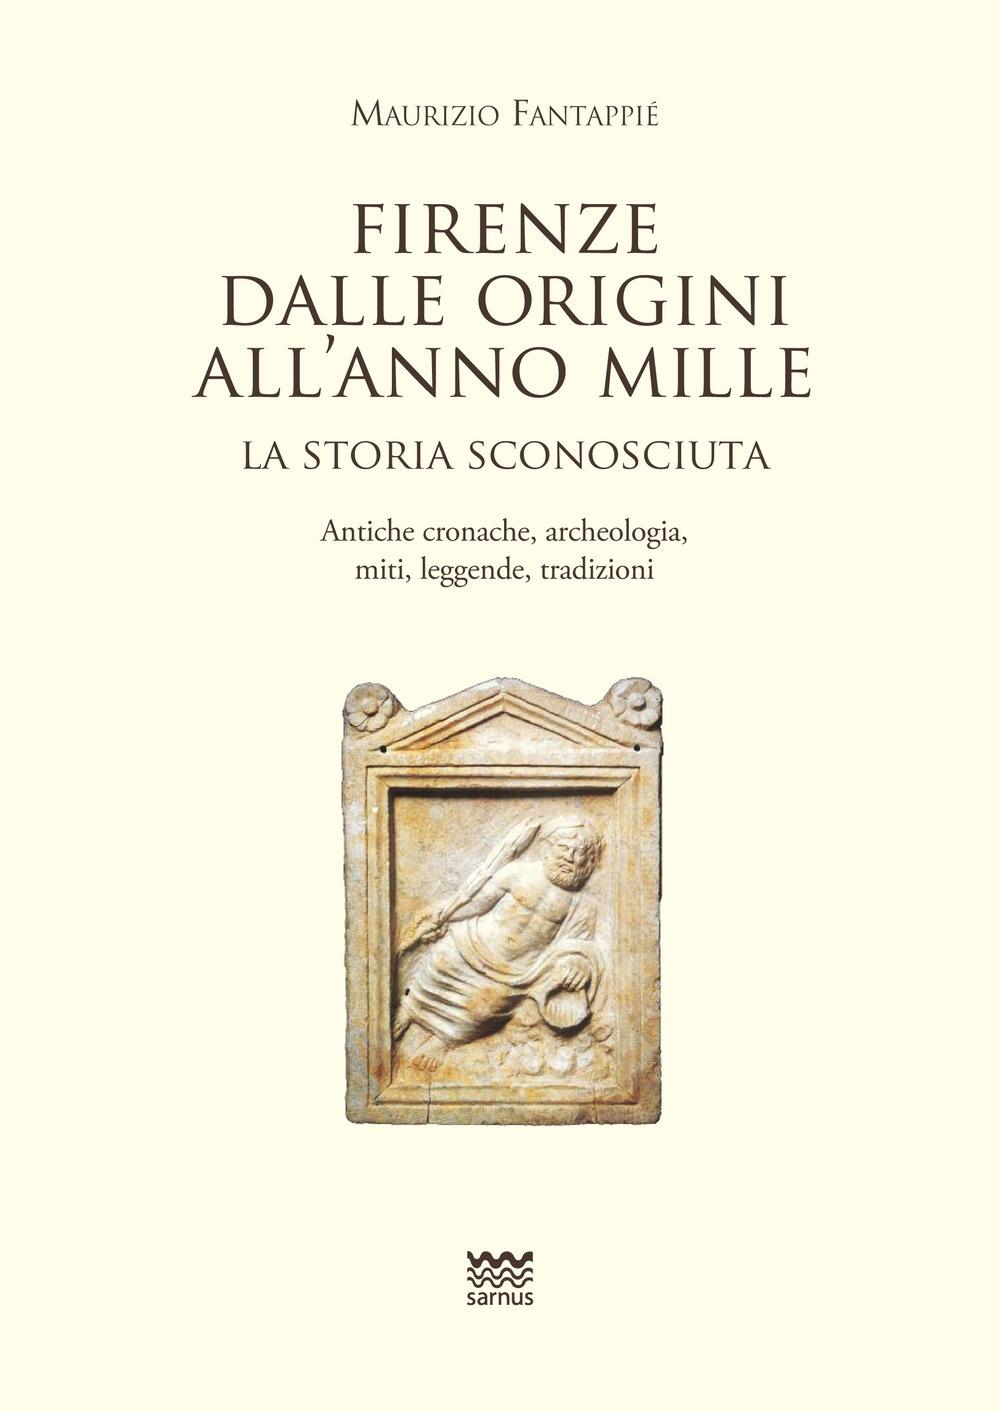 Firenze dalle origini all'anno mille. La storia sconosciuta. Antiche cronache, archeologia, miti, leggende, tradizioni.